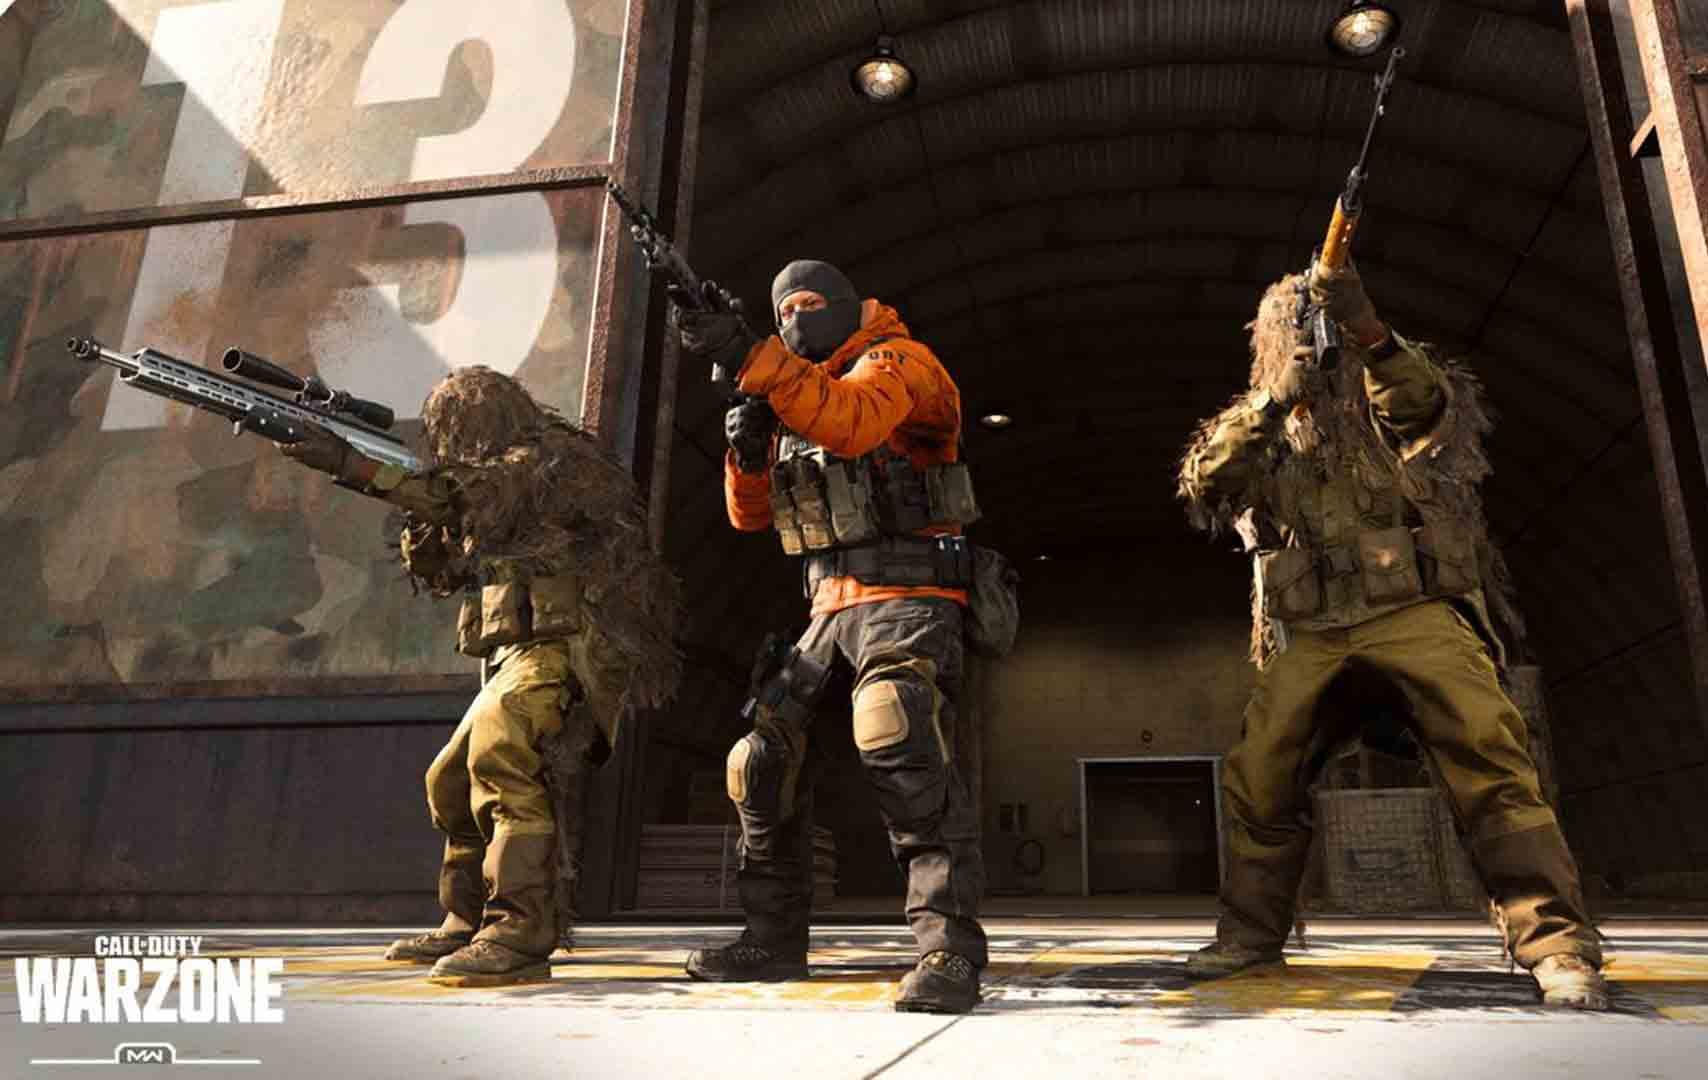 صفر تا صد بازی Call of Duty: Warzone